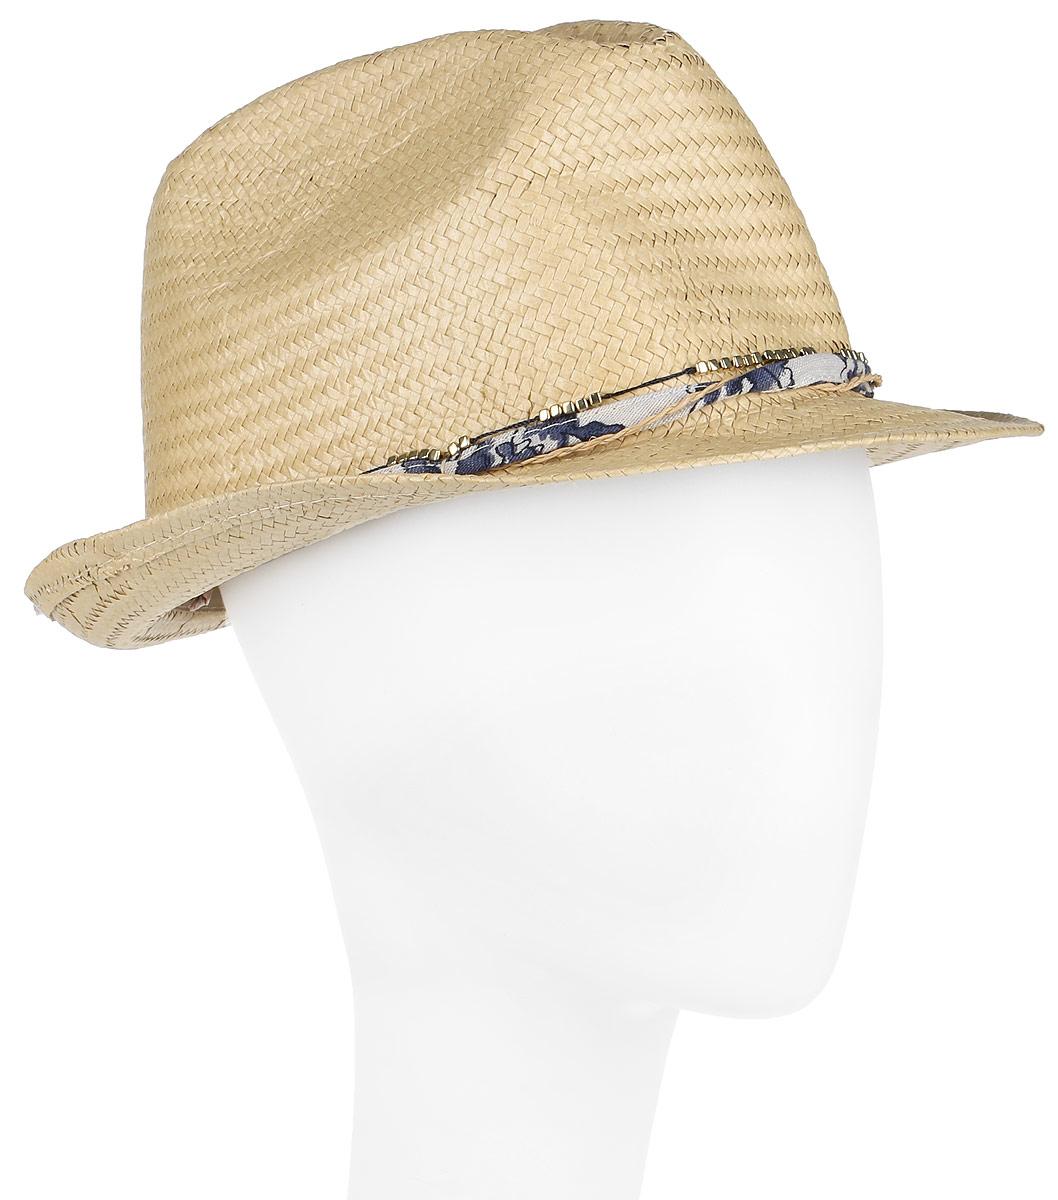 Шляпа женская Canoe Mimi, цвет: бежевый. 1964489. Размер 561964489Женская шляпа-федора Canoe Mimi непременно украсит любой наряд.Шляпа из искусственной соломы вокруг тульи оформлена интересным переплетением. Благодаря своей форме, шляпа удобно садится по голове и подойдет к любому стилю. Плетение шляпы позволяет ей пропускать воздух, что обеспечивает необходимую вентиляцию.Такая шляпа подчеркнет вашу неповторимость и дополнит ваш повседневный образ.